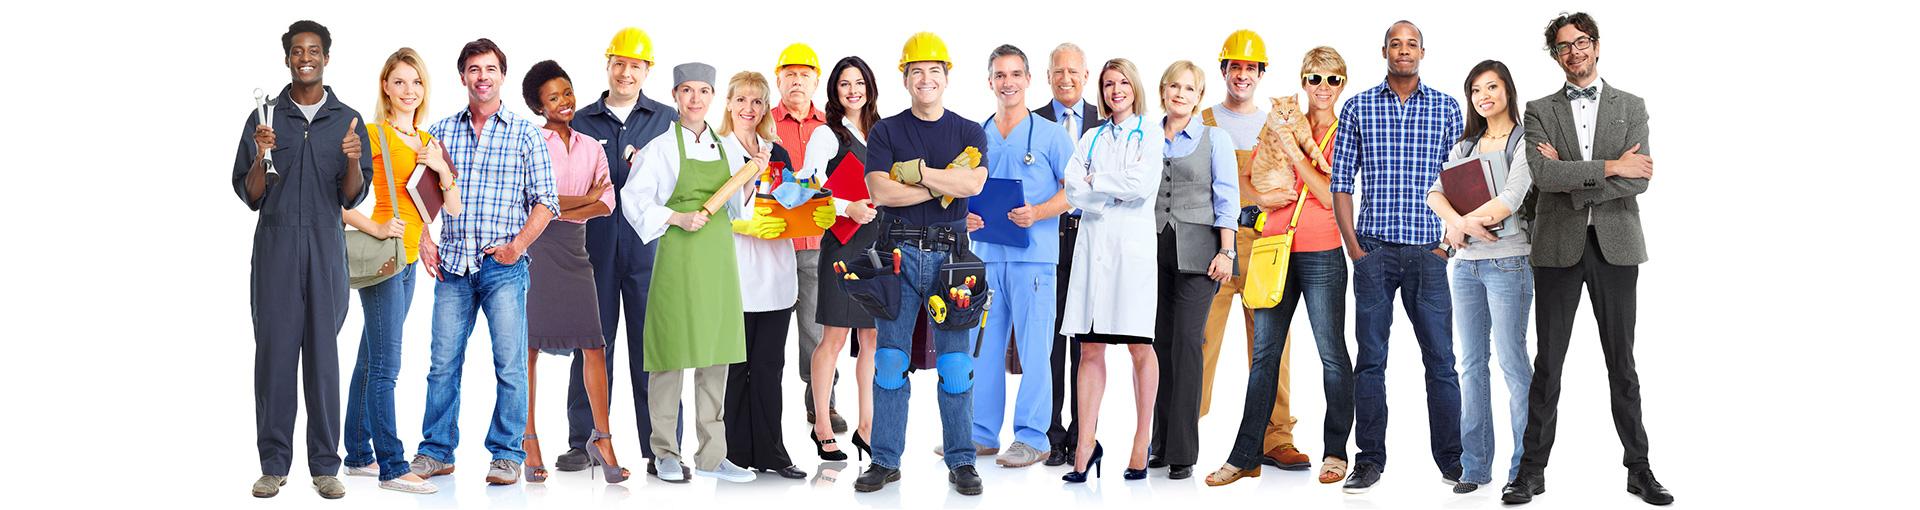 Chuyên cung cấp thiết bị bảo hộ lao động, thiết bị bảo hộ y tế, thiết bị an toàn hàng hải